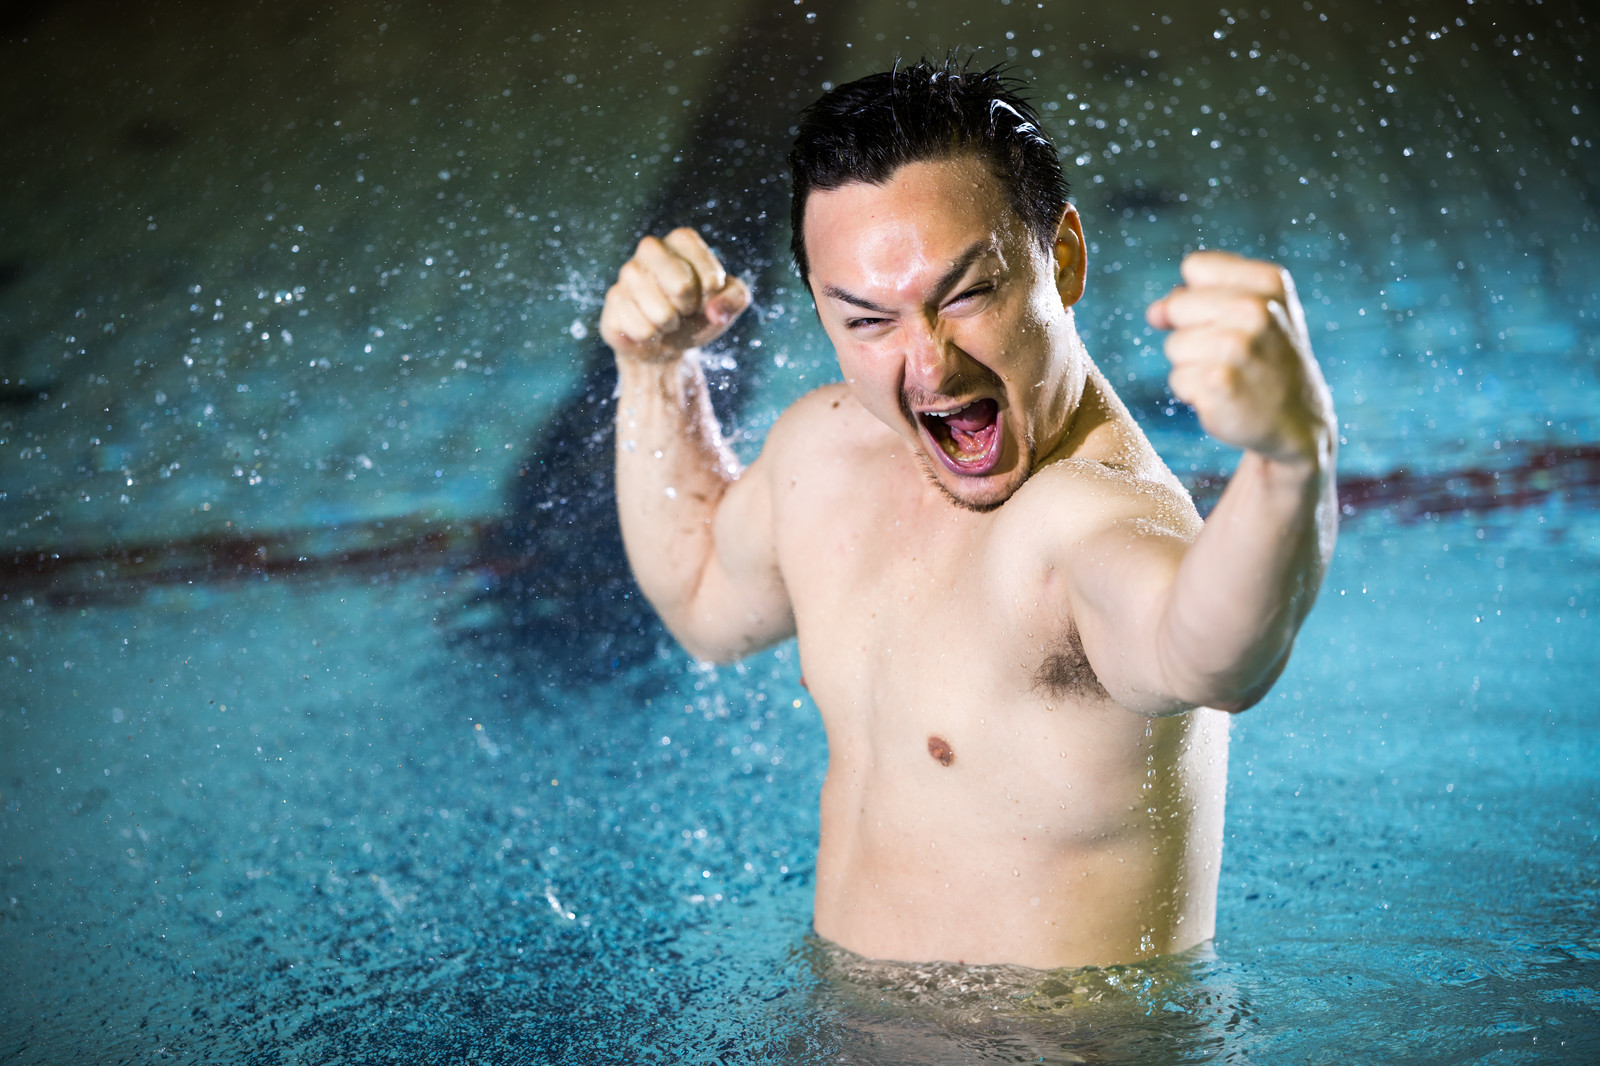 「プールの中から叫ぶドイツ人ハーフプールの中から叫ぶドイツ人ハーフ」のフリー写真素材を拡大